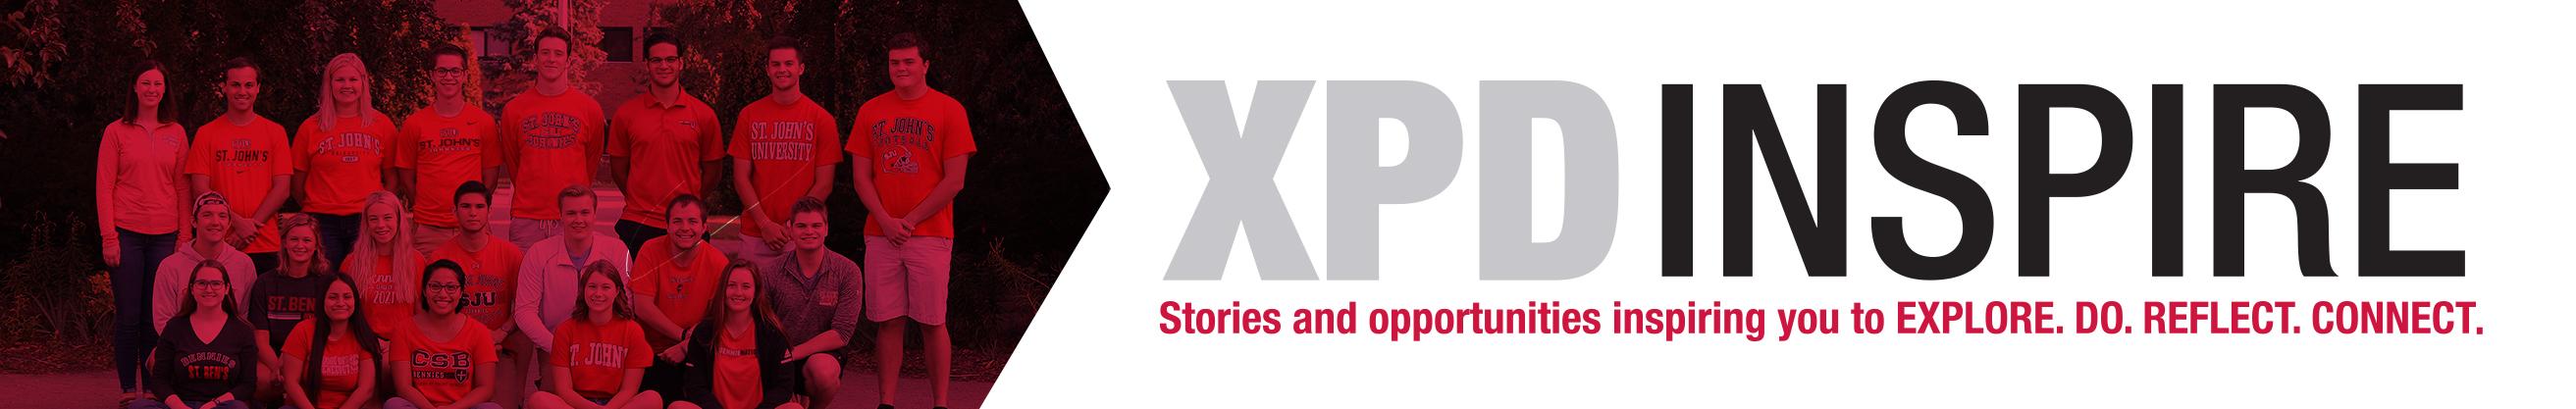 XPDInspire header CAs 2